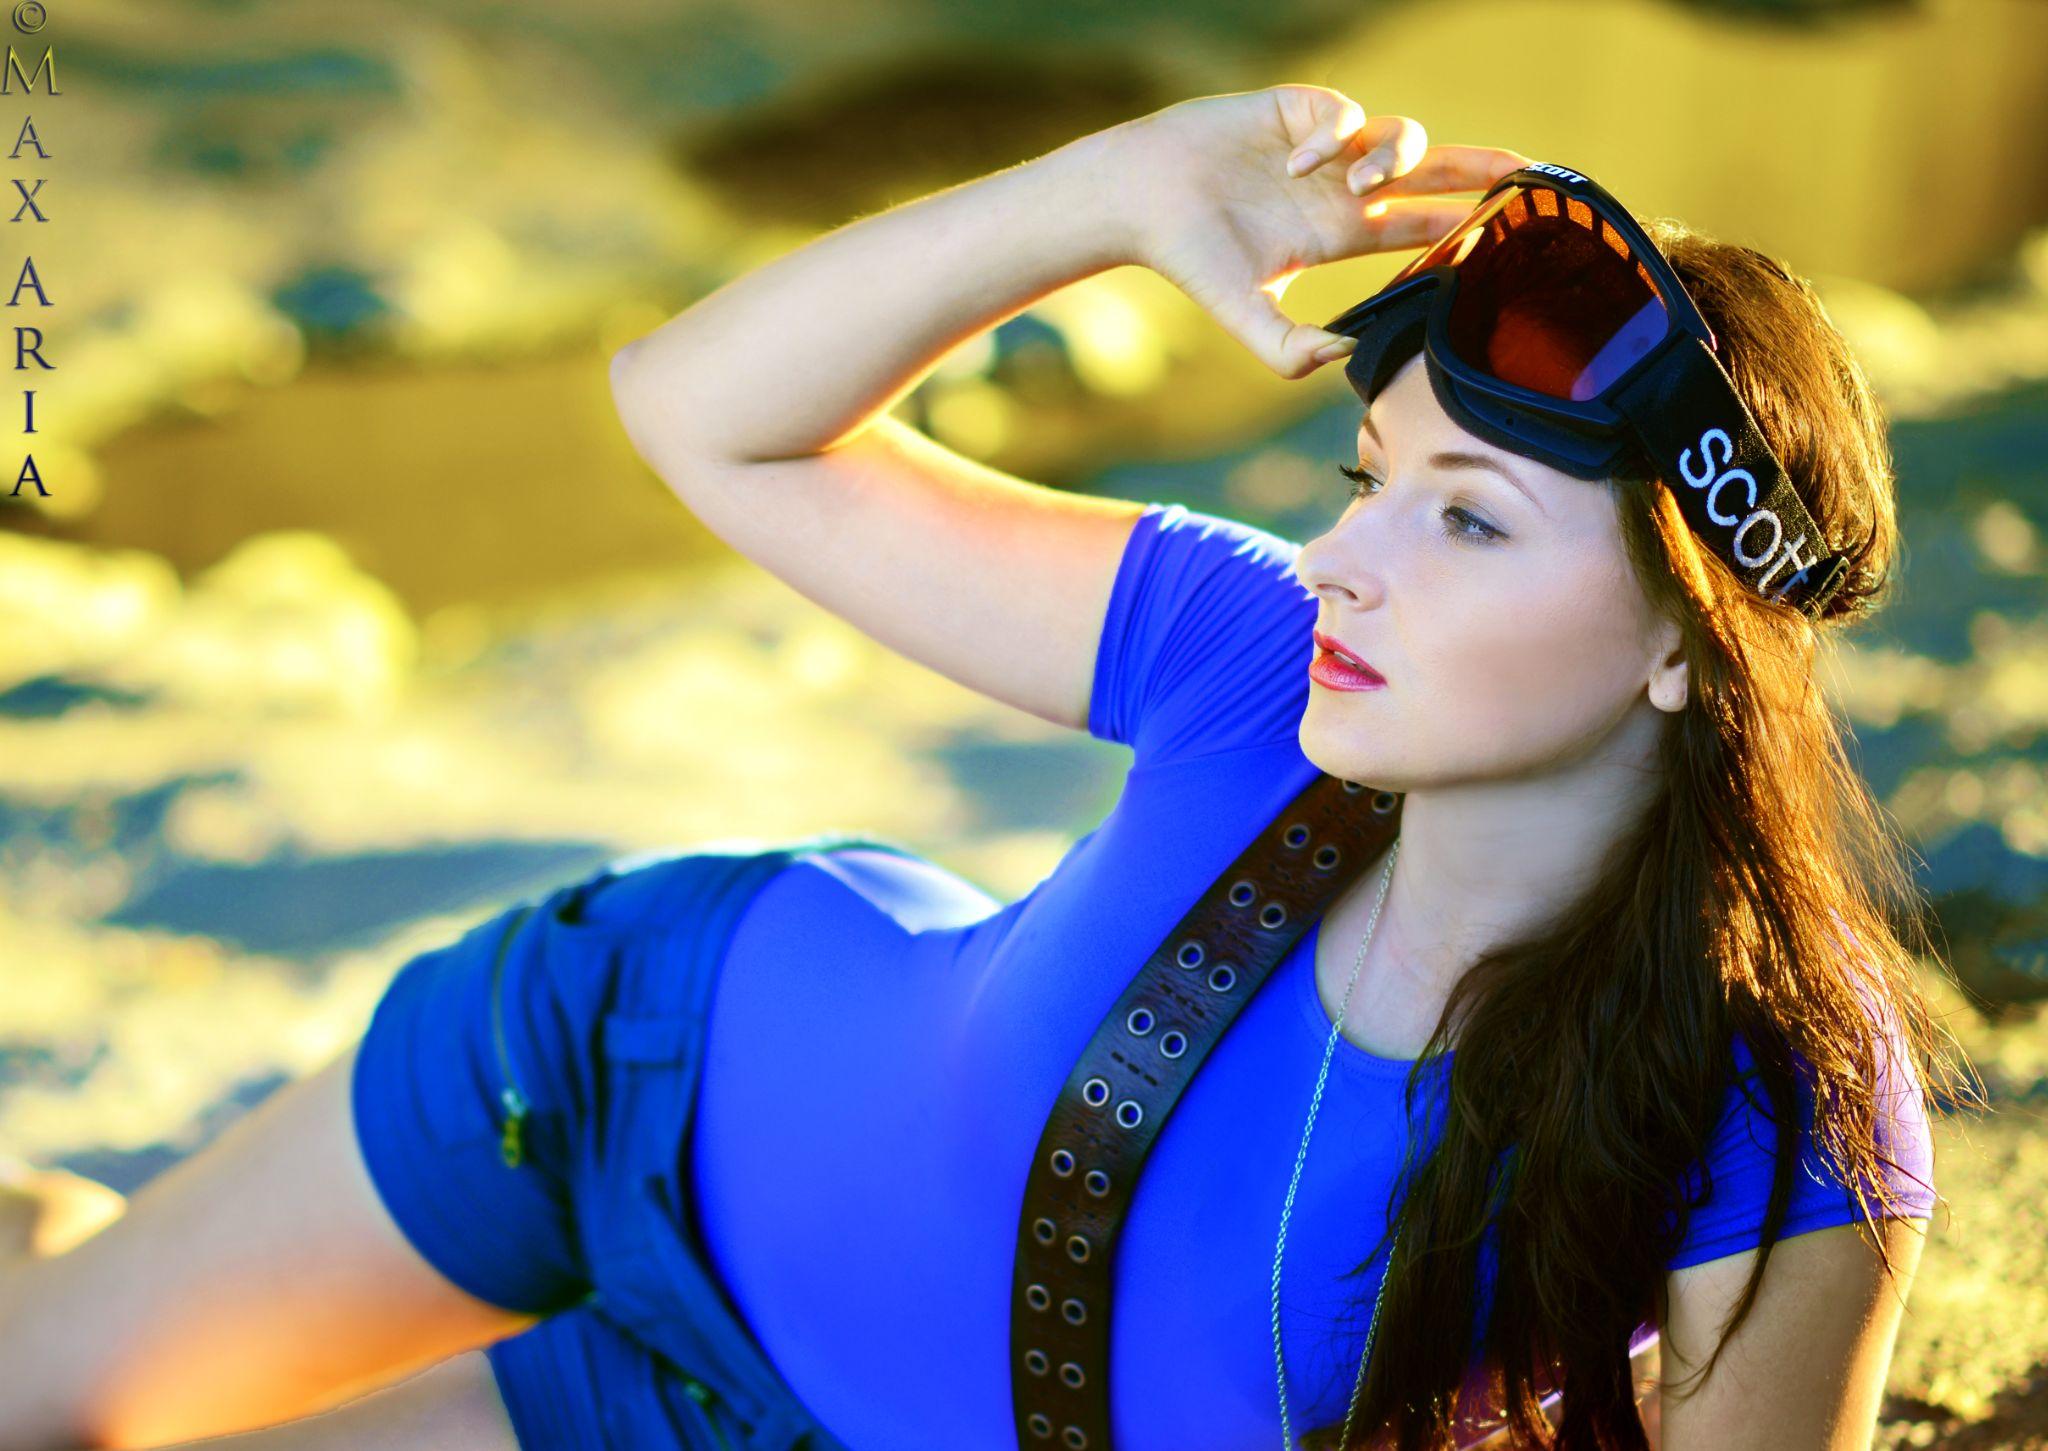 Anna Bazarkina by Max Aria